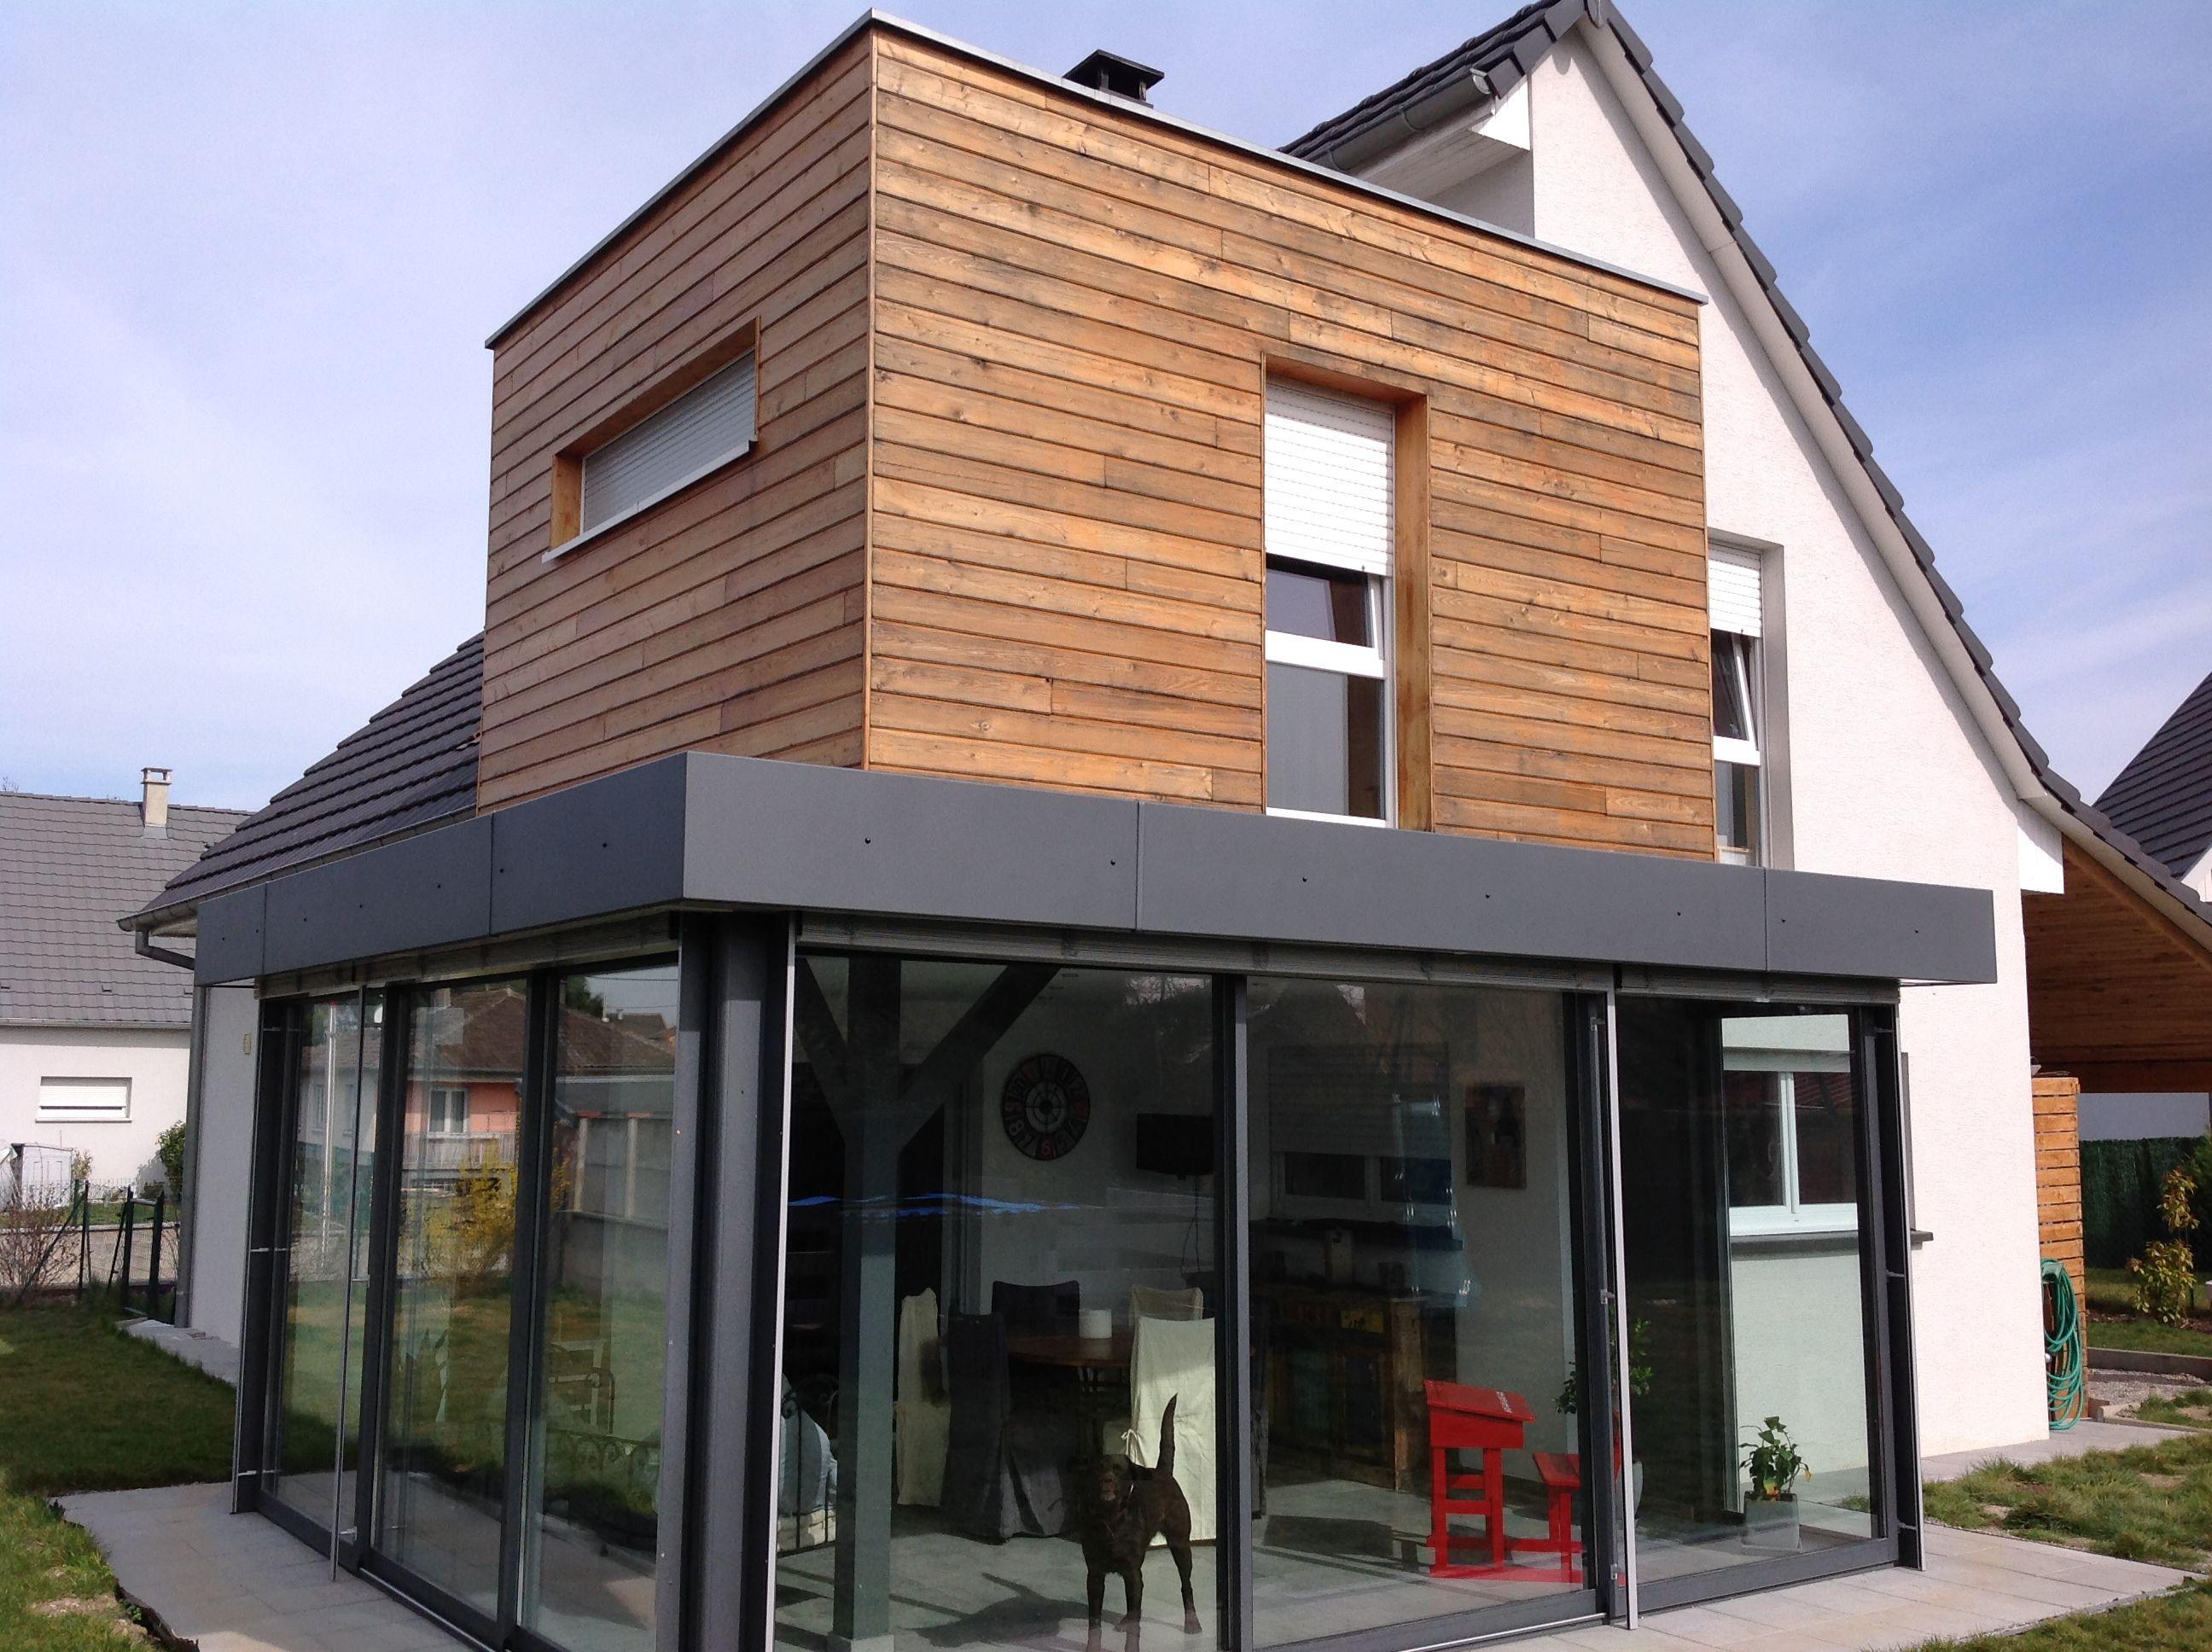 Extension terrasse avec tage en ossature bois veranda for Extension etage ossature bois